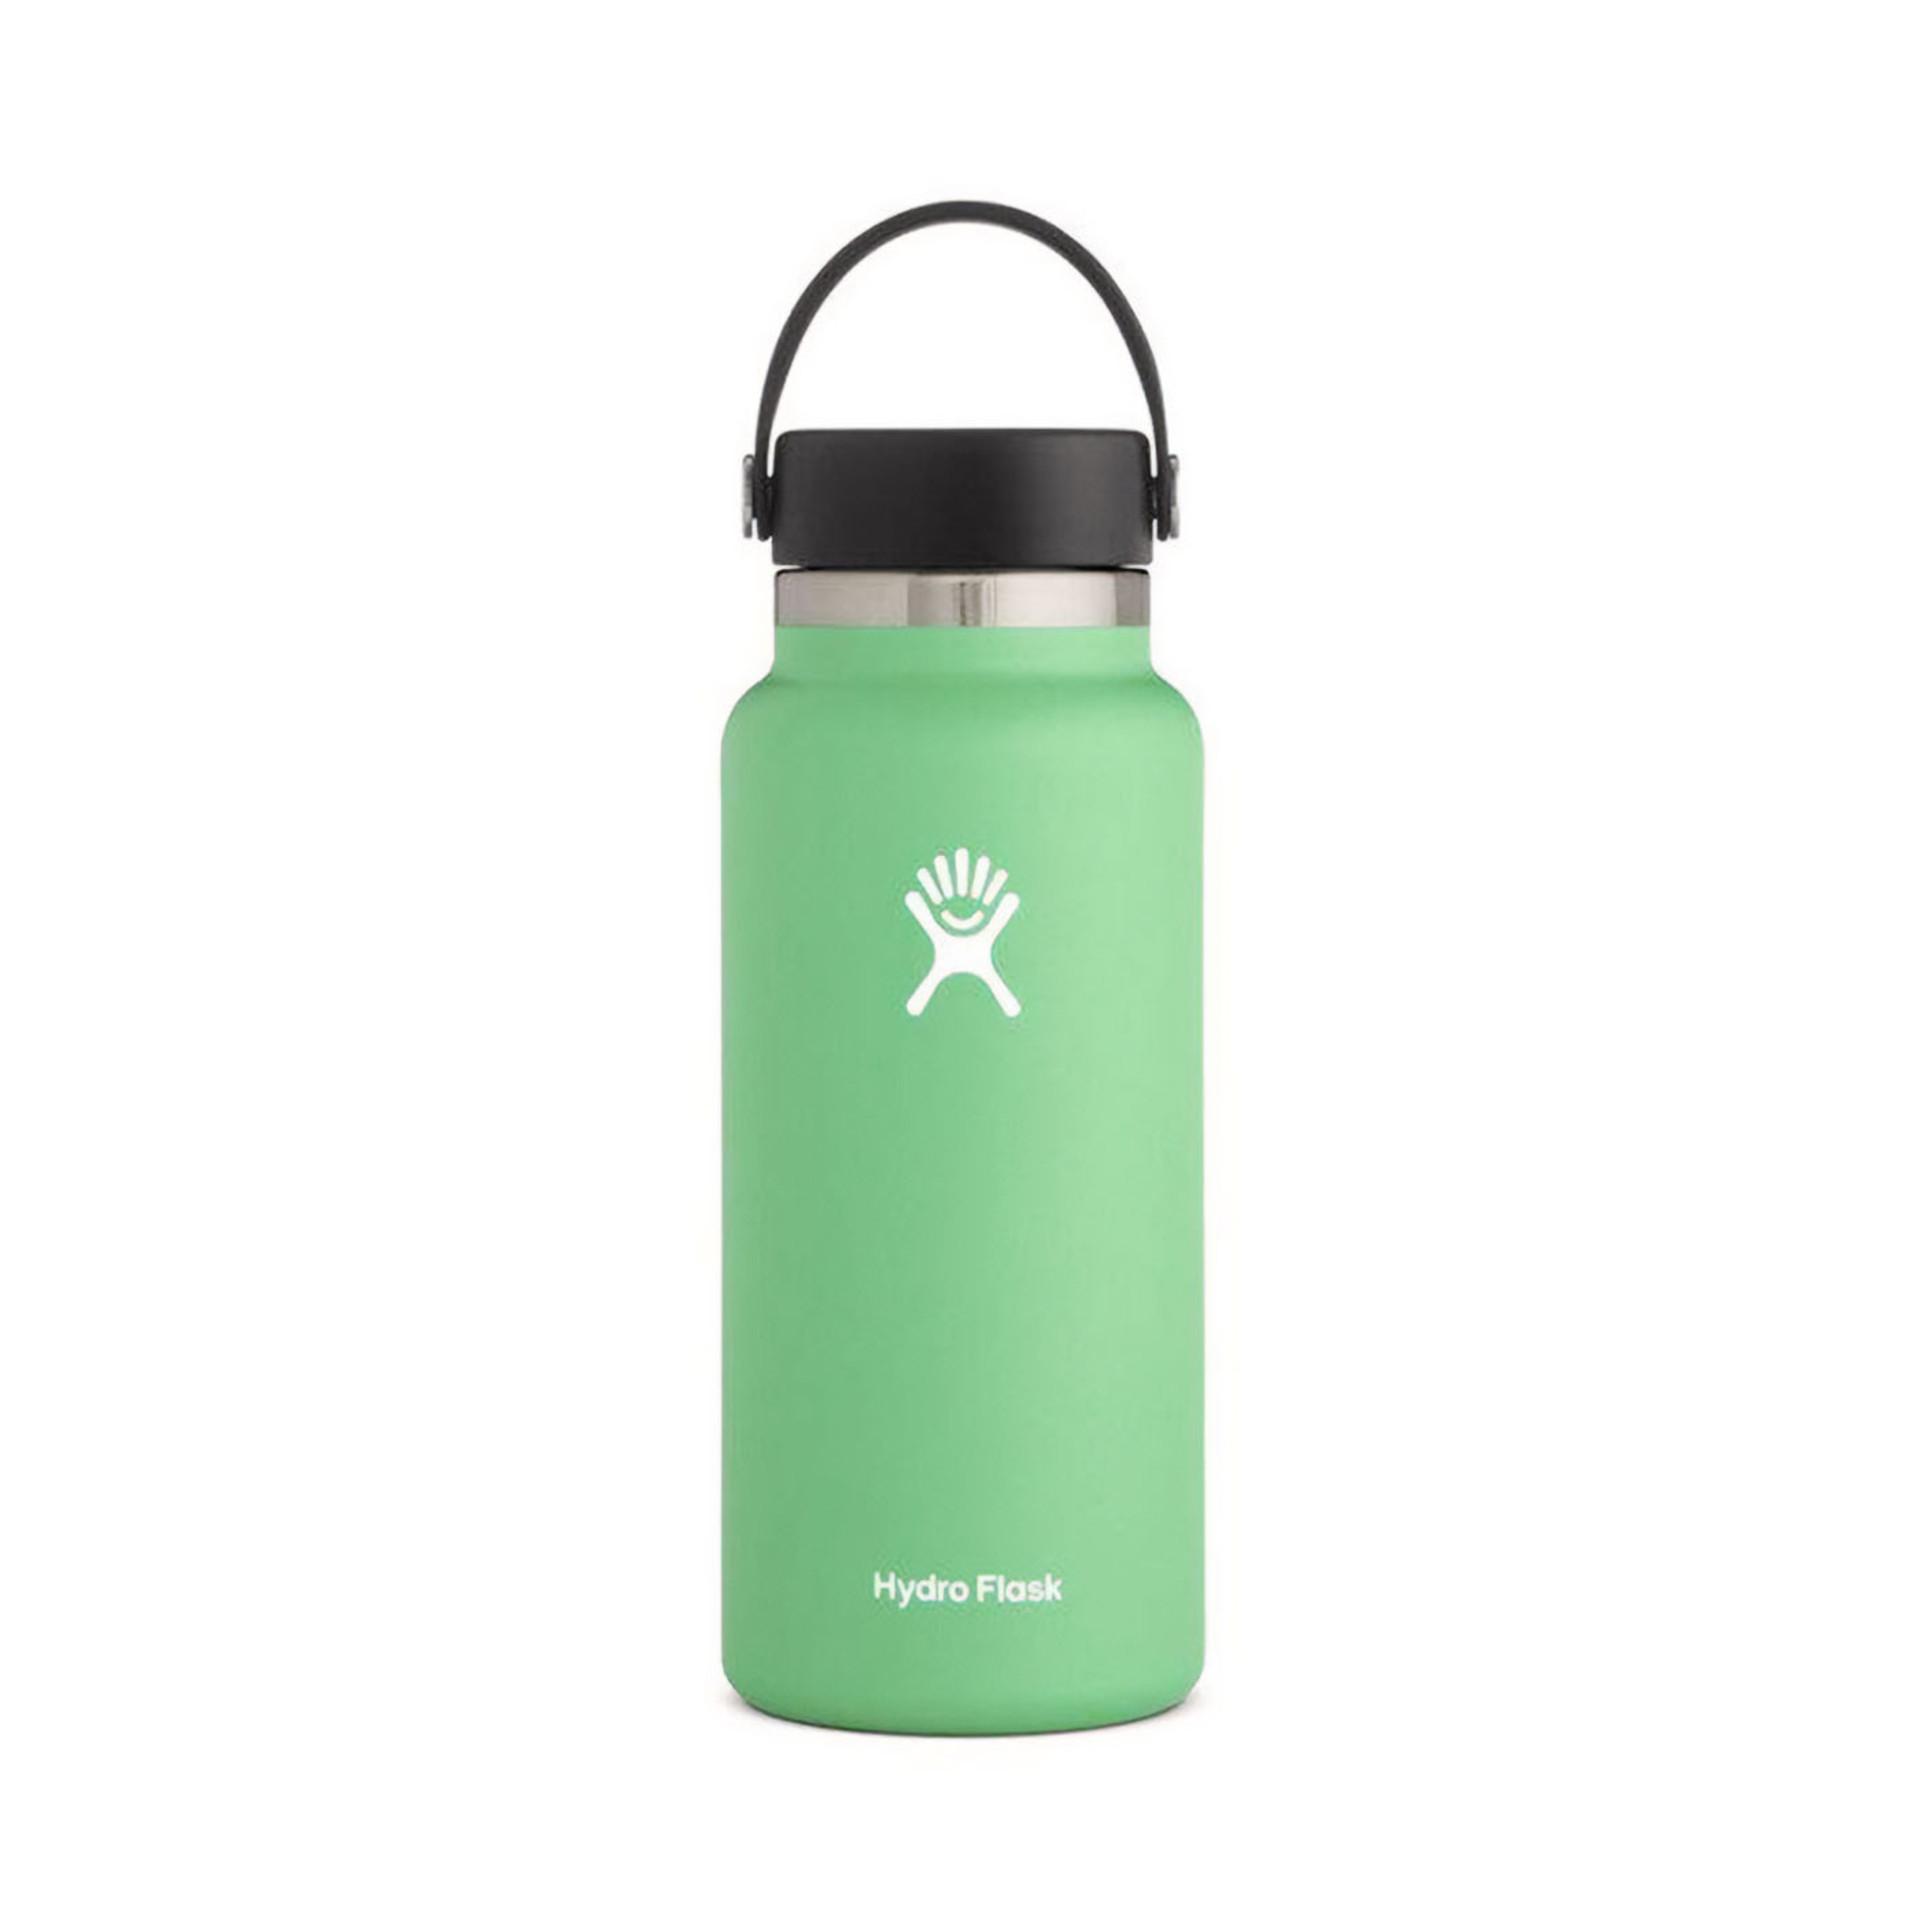 Hydro Flask Wide Mouth Water Bottle 32oz – Spearmint